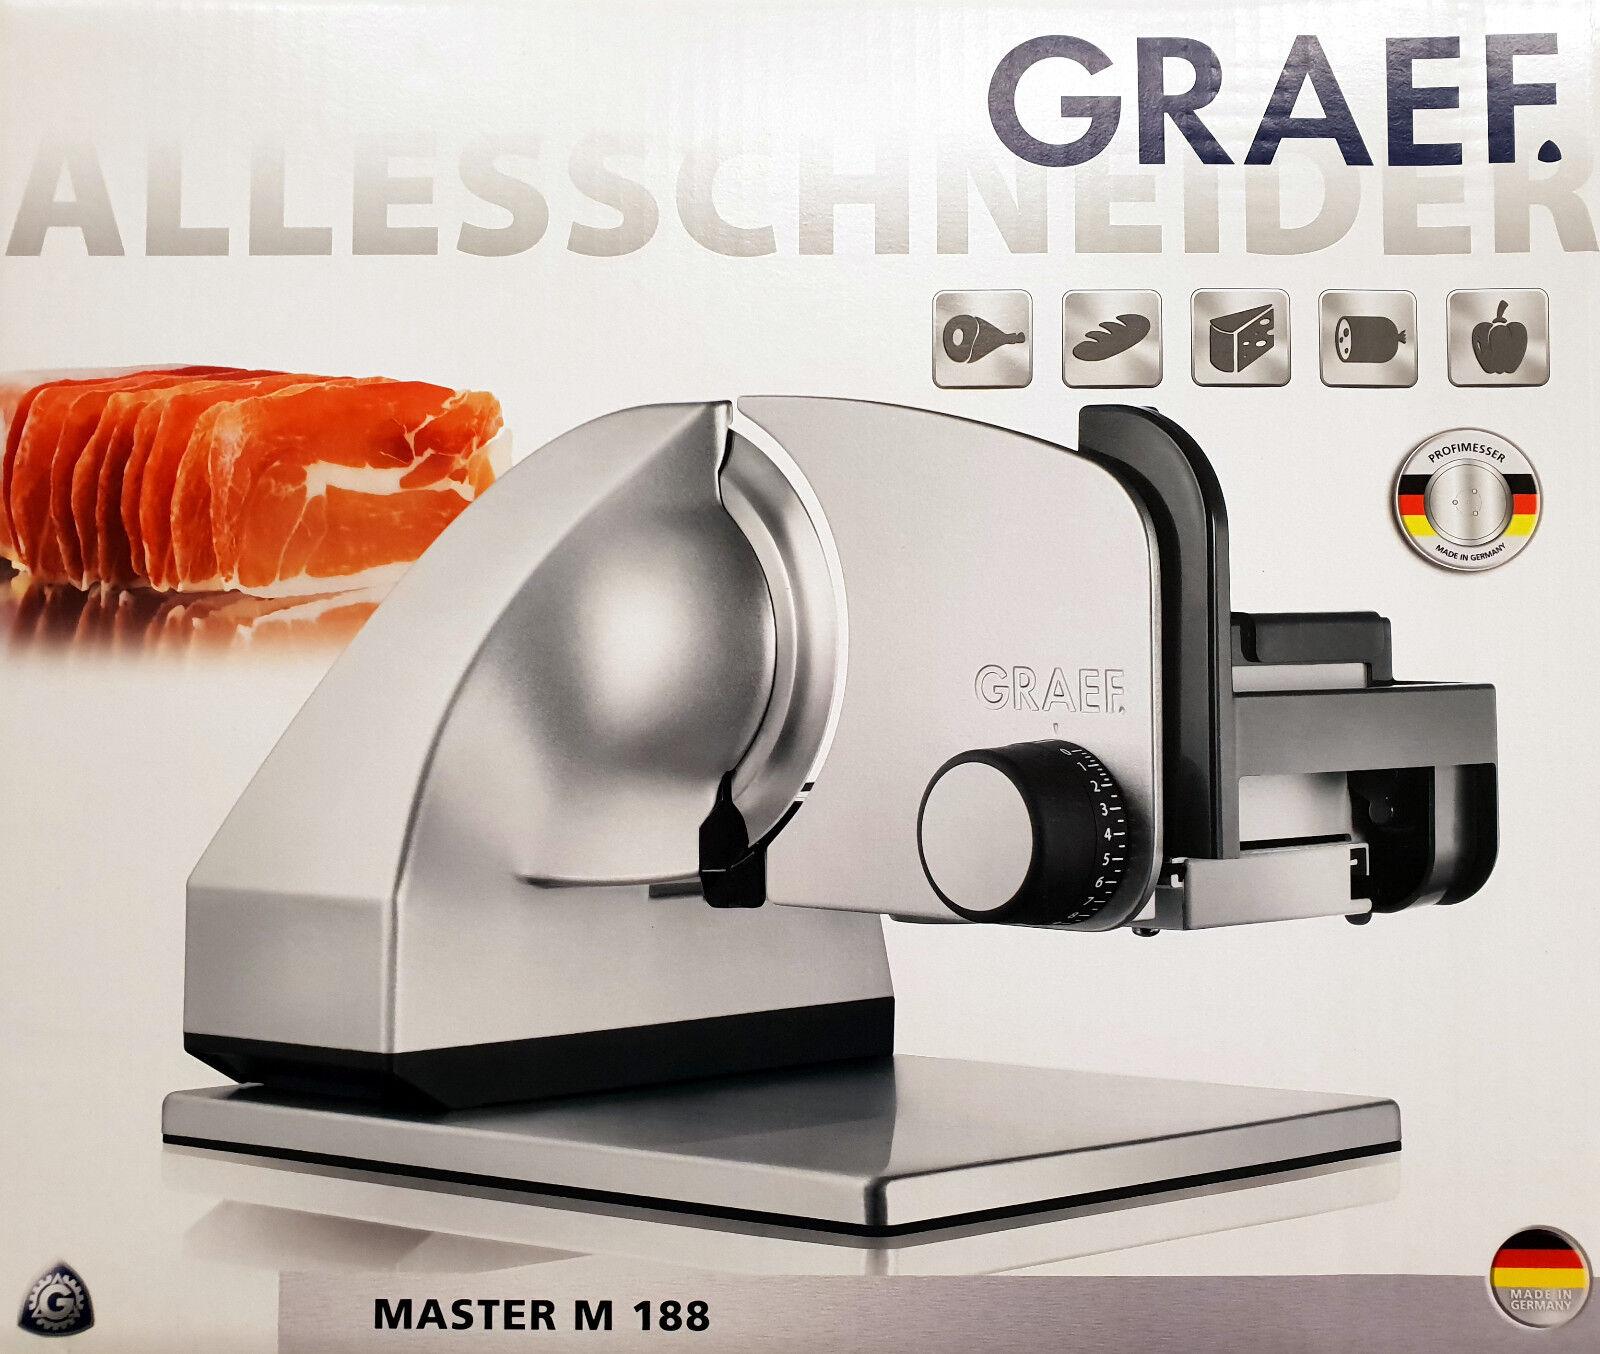 Graef Master 188 tout schneider, trancheuse, brougeschneider, kippsschneider